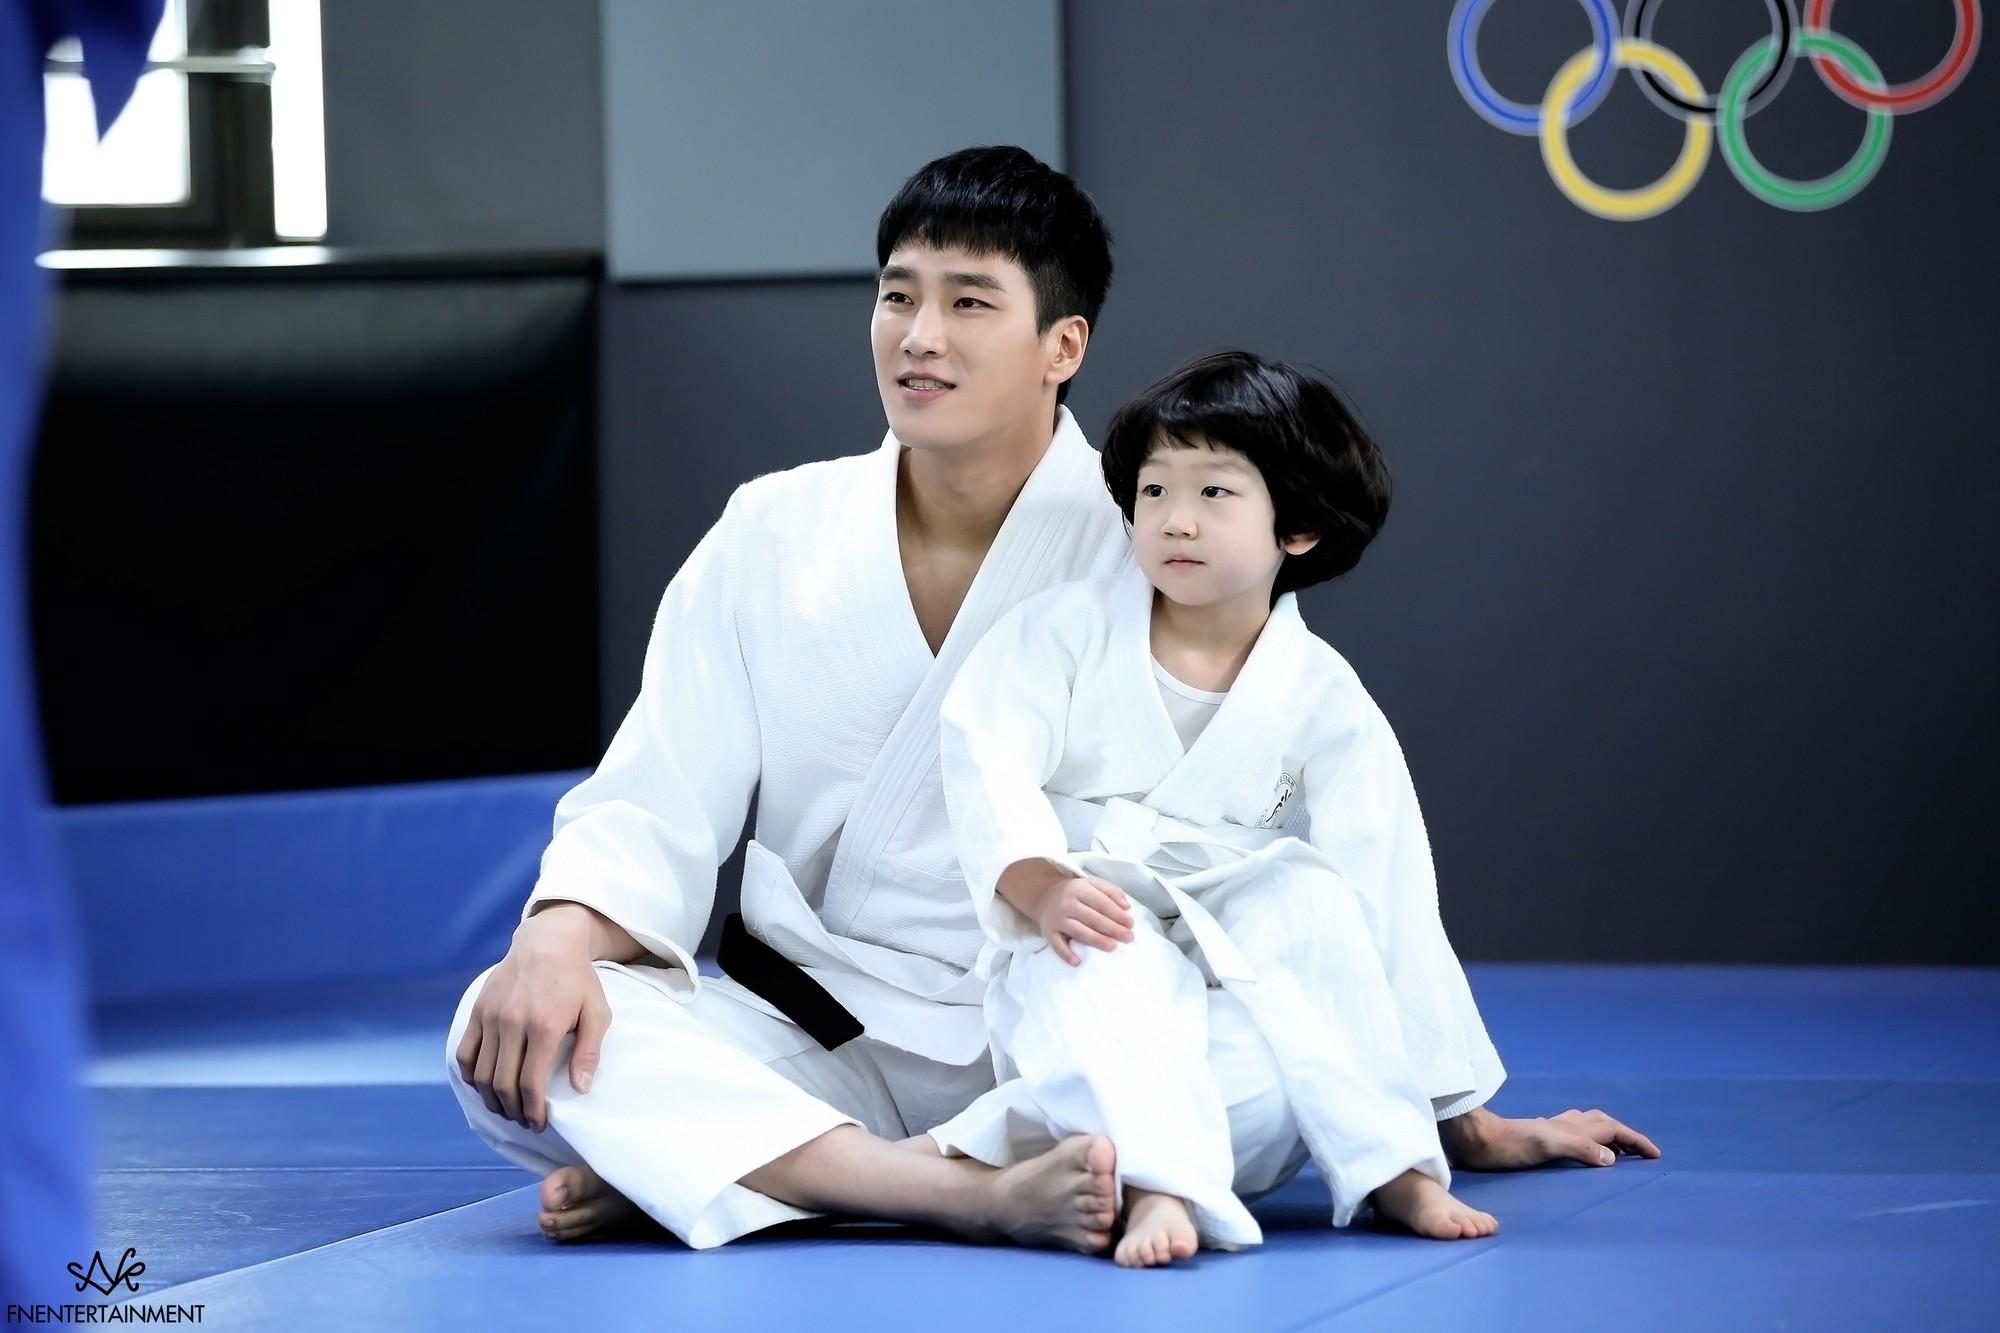 Hậu tỏ tình, Park Min Young lại khiến người yêu tức điên vì dám qua đêm với anh trai nuôi trong Her Private Life! - Ảnh 17.